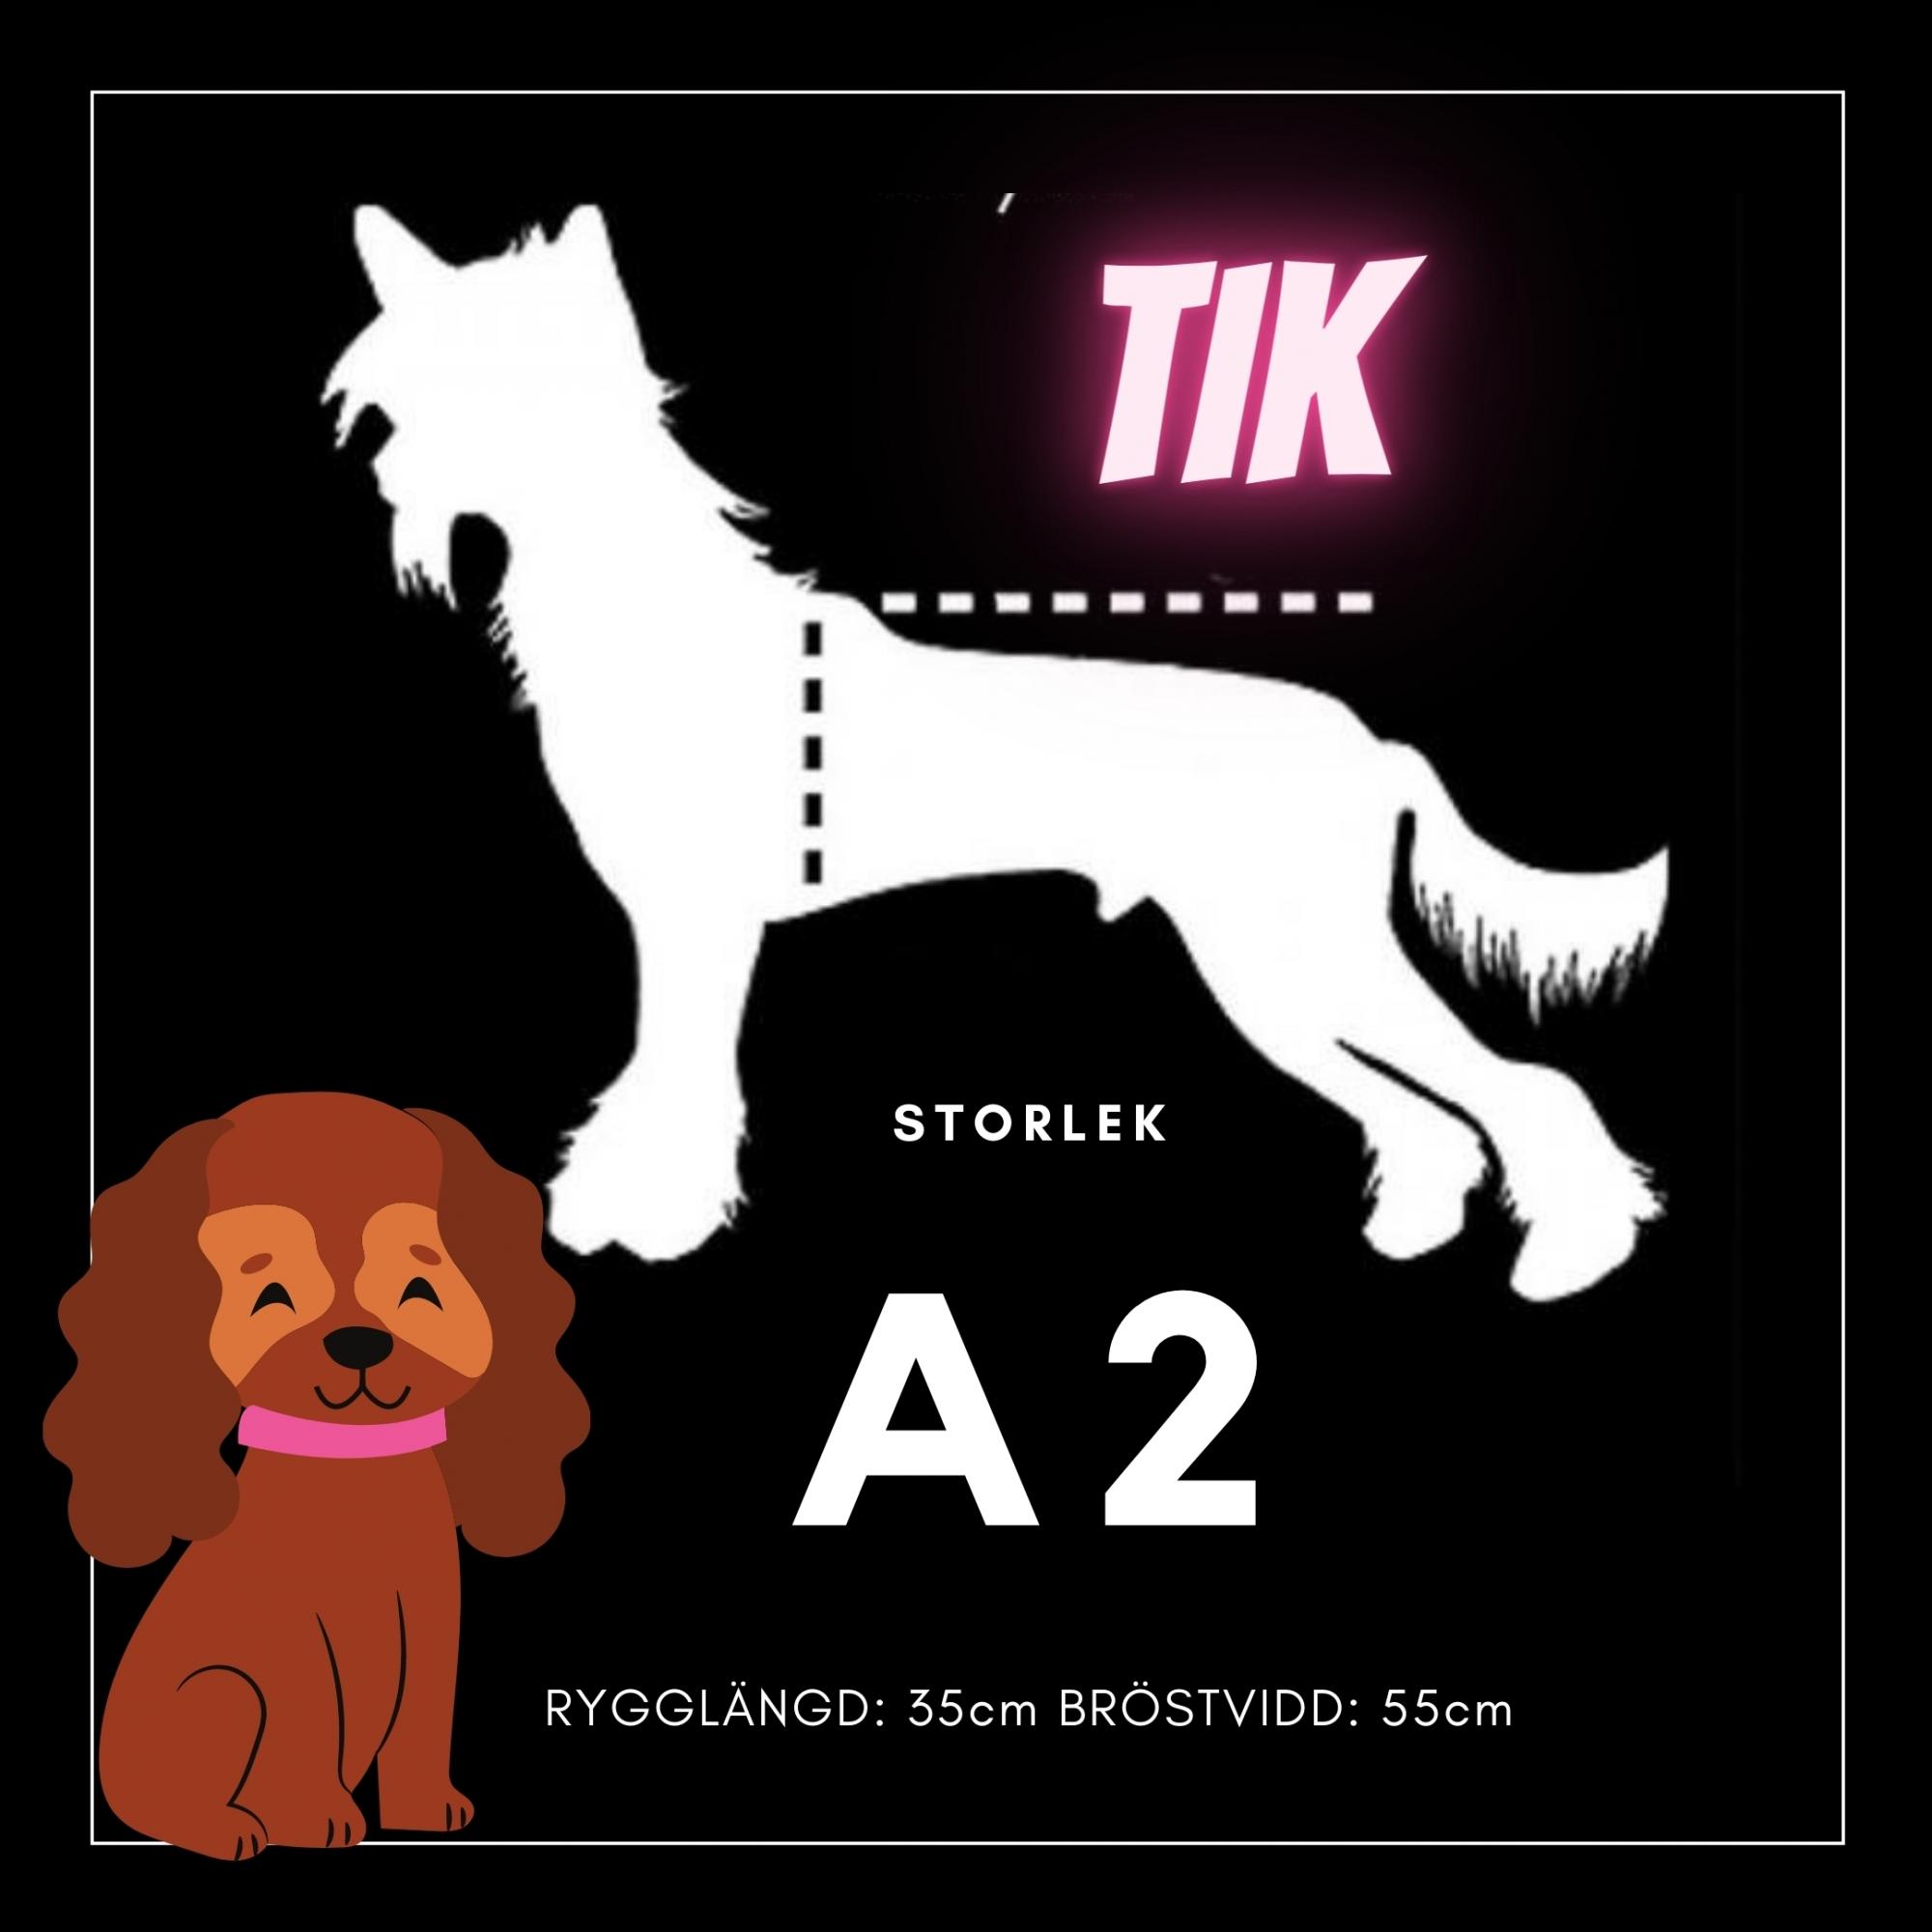 Tik Storlek A2 - Passion For Pet Fashion